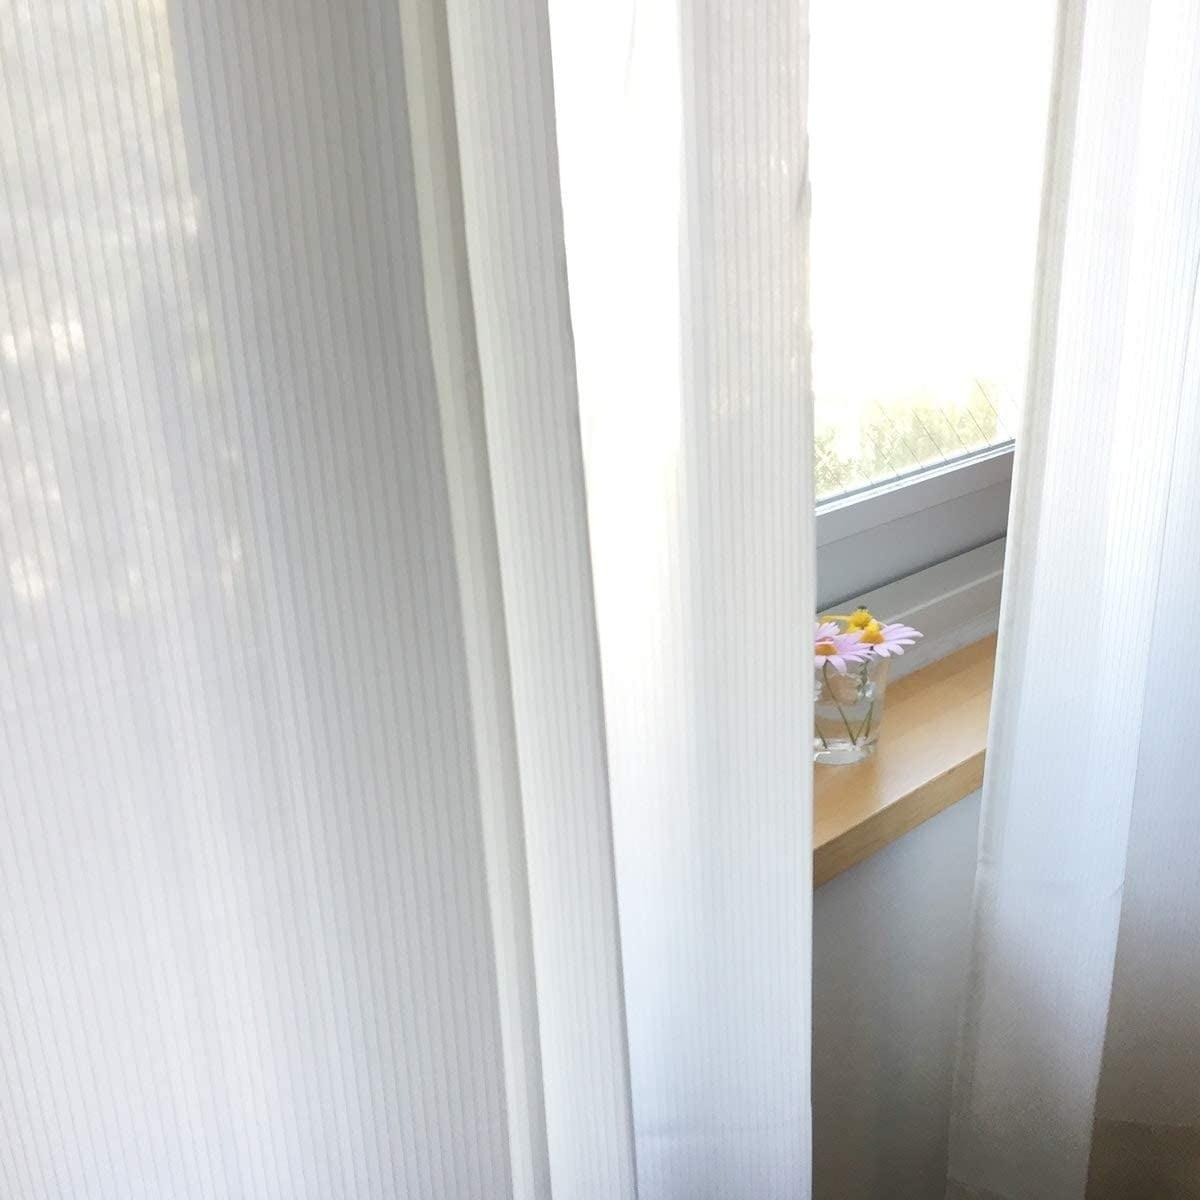 トリコ/アイボリー 遮像レースカーテン 遮熱・保温 UVカット 涼しや 形状記憶加工 ウォッシャブル カーテン 2枚入 / Aフック サイズ(幅×丈):100×108cm ksol-001-100-108